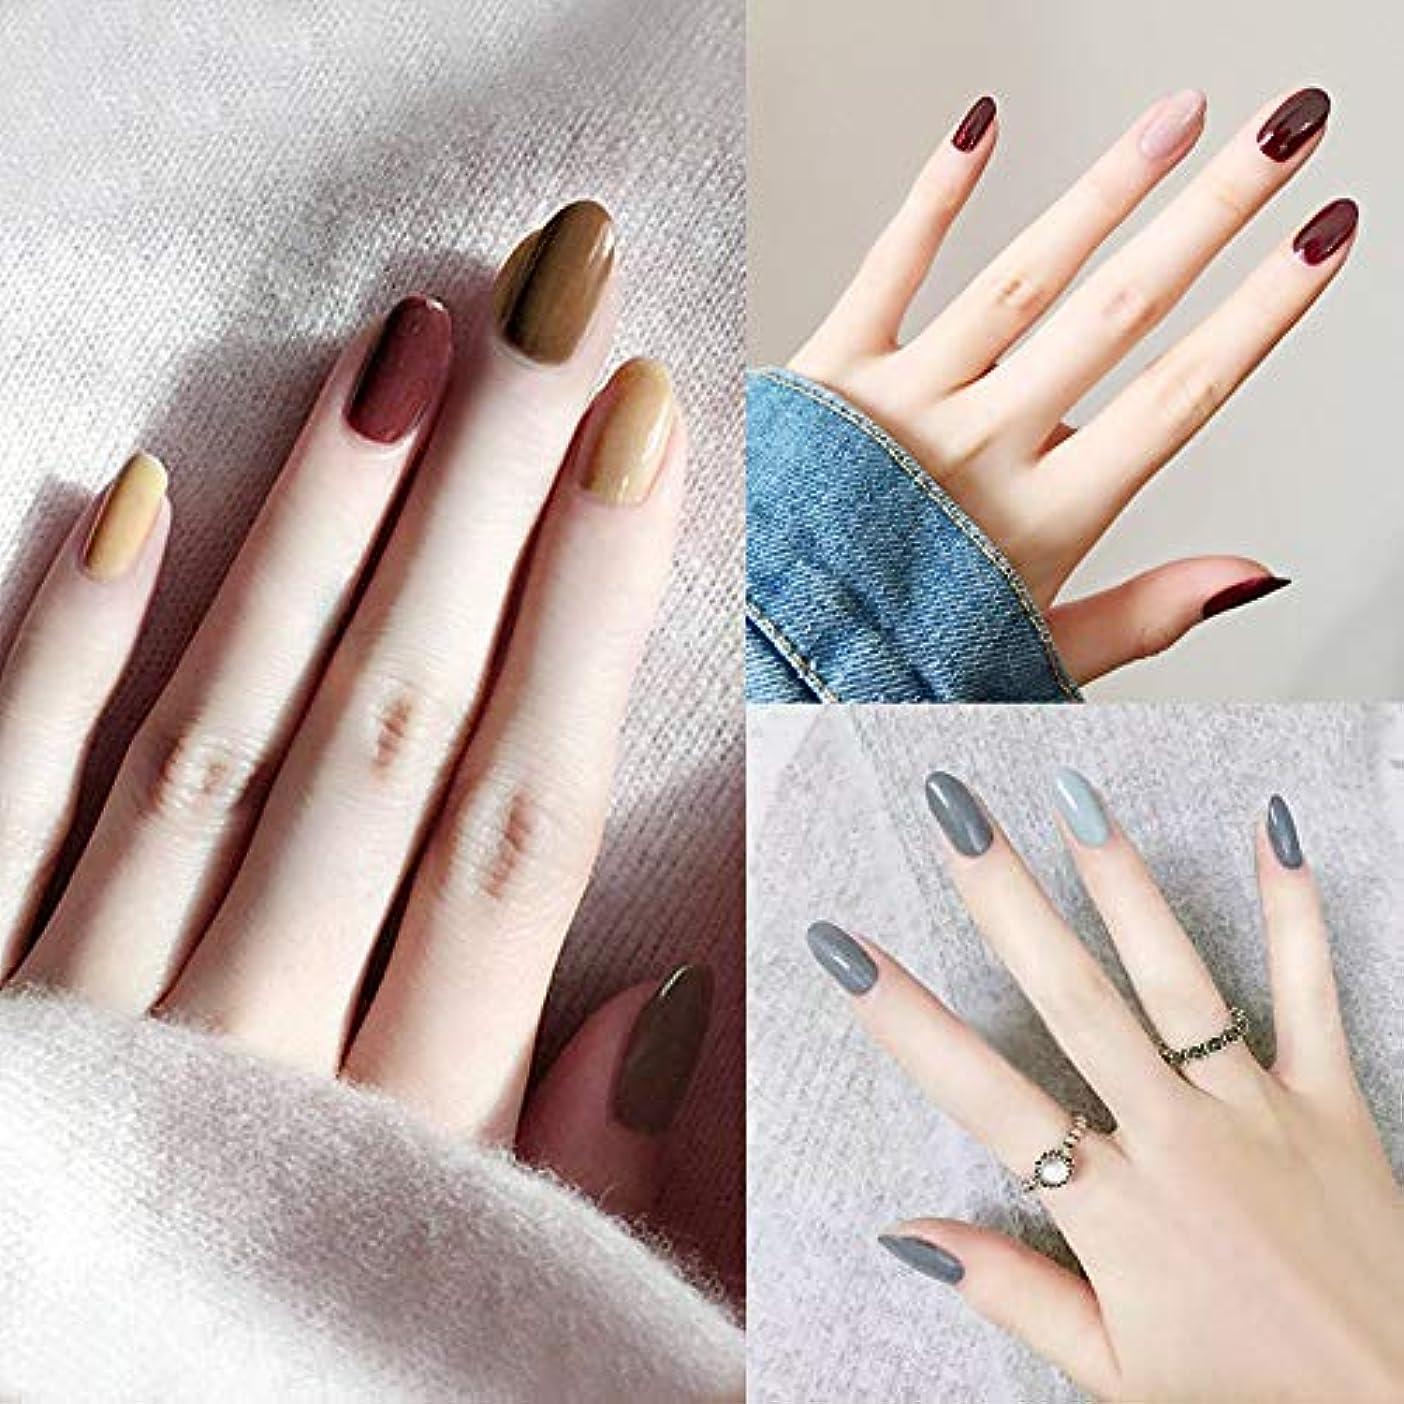 最初はすきボスファッションレッドクリームインクハリスタイル偽爪純粋な色偽爪24ピースフルブライダルネイルのヒント滑らかな指装飾のヒント接着剤付き人工爪